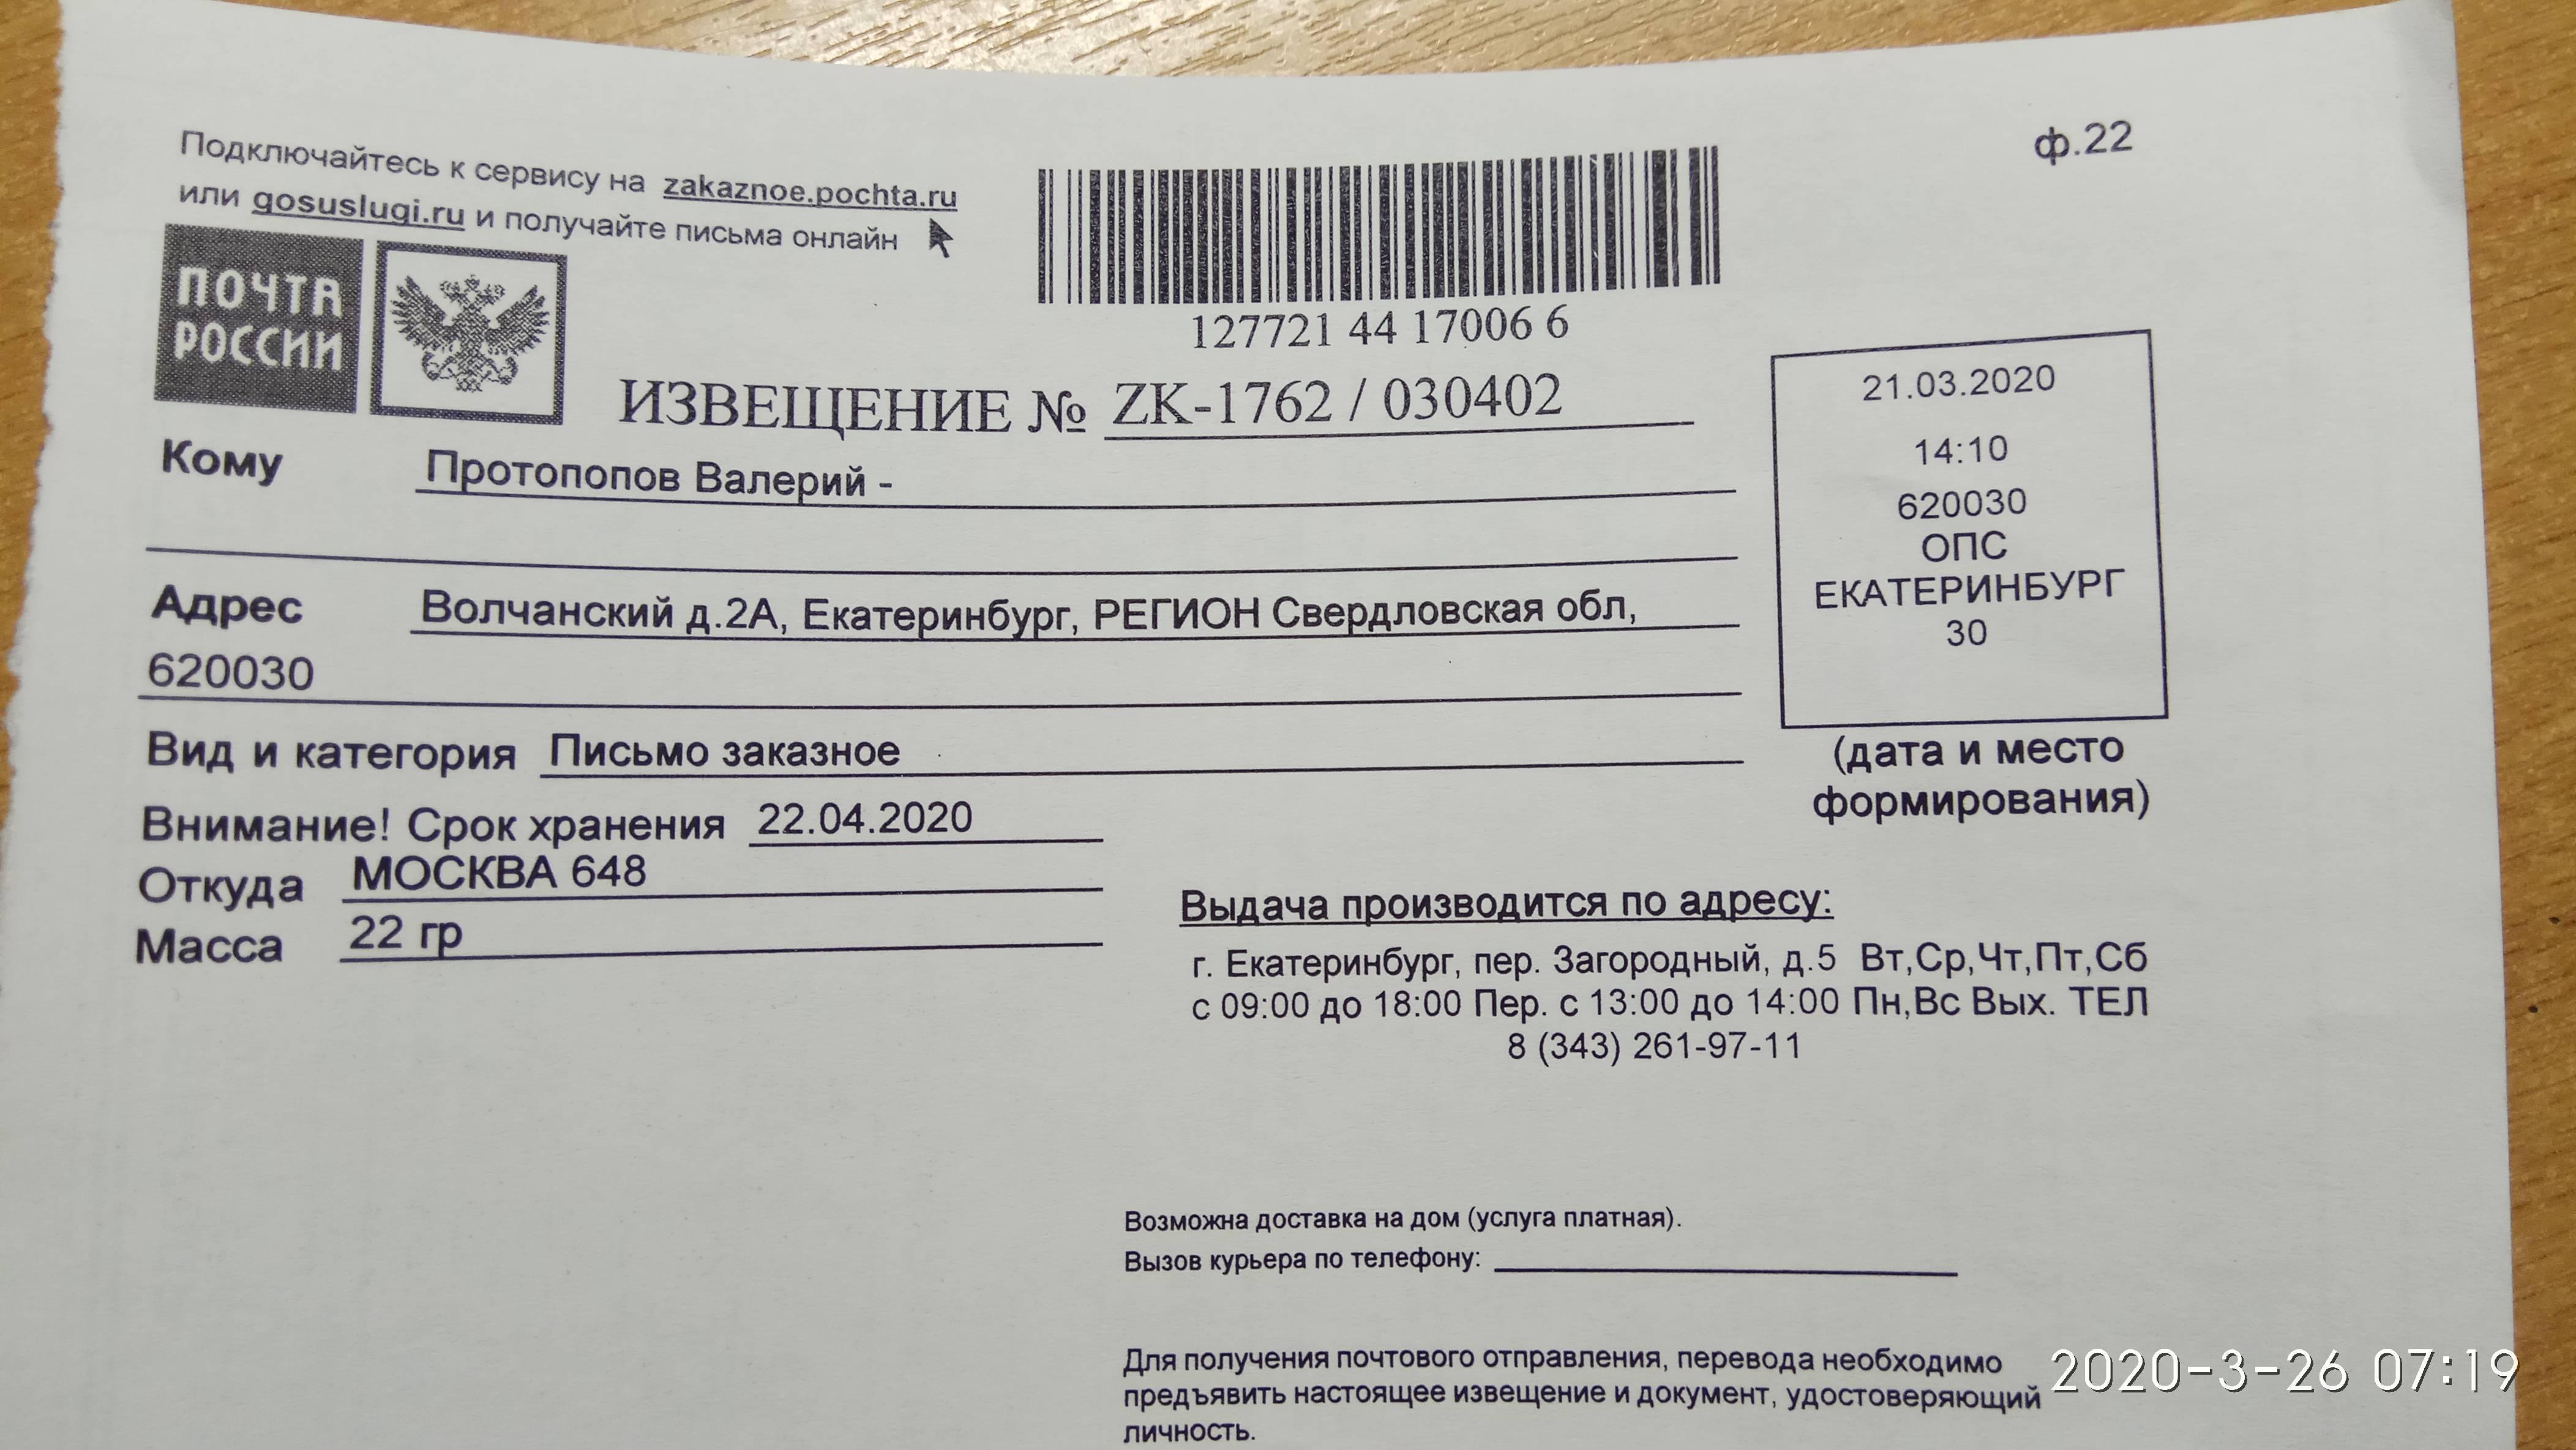 Пересечение границы латвии в 2021 году: правила, нормы, пункты пропуска